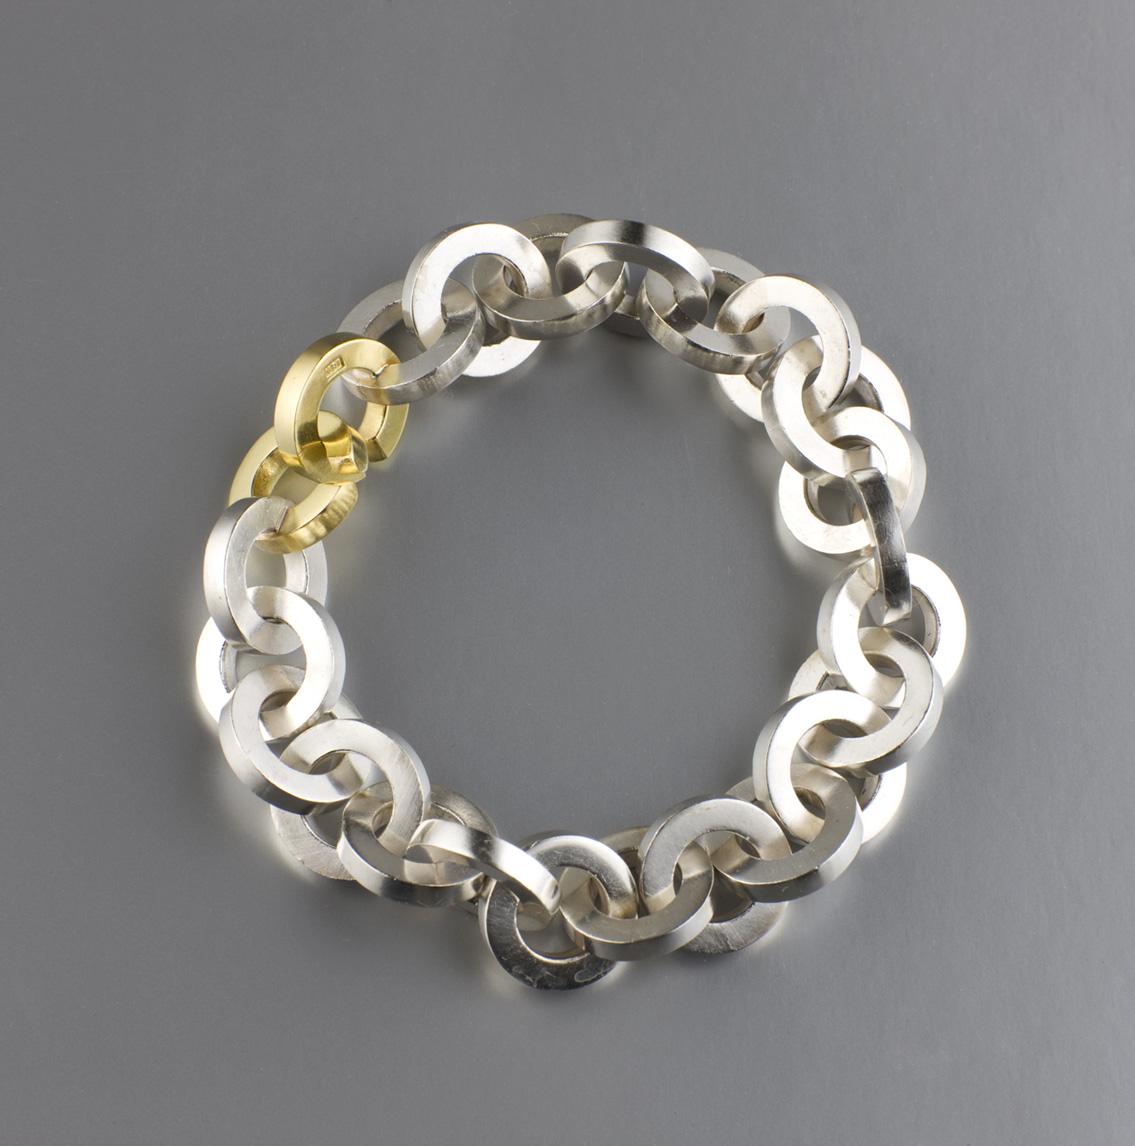 Grov armlänk i silver med guldlås